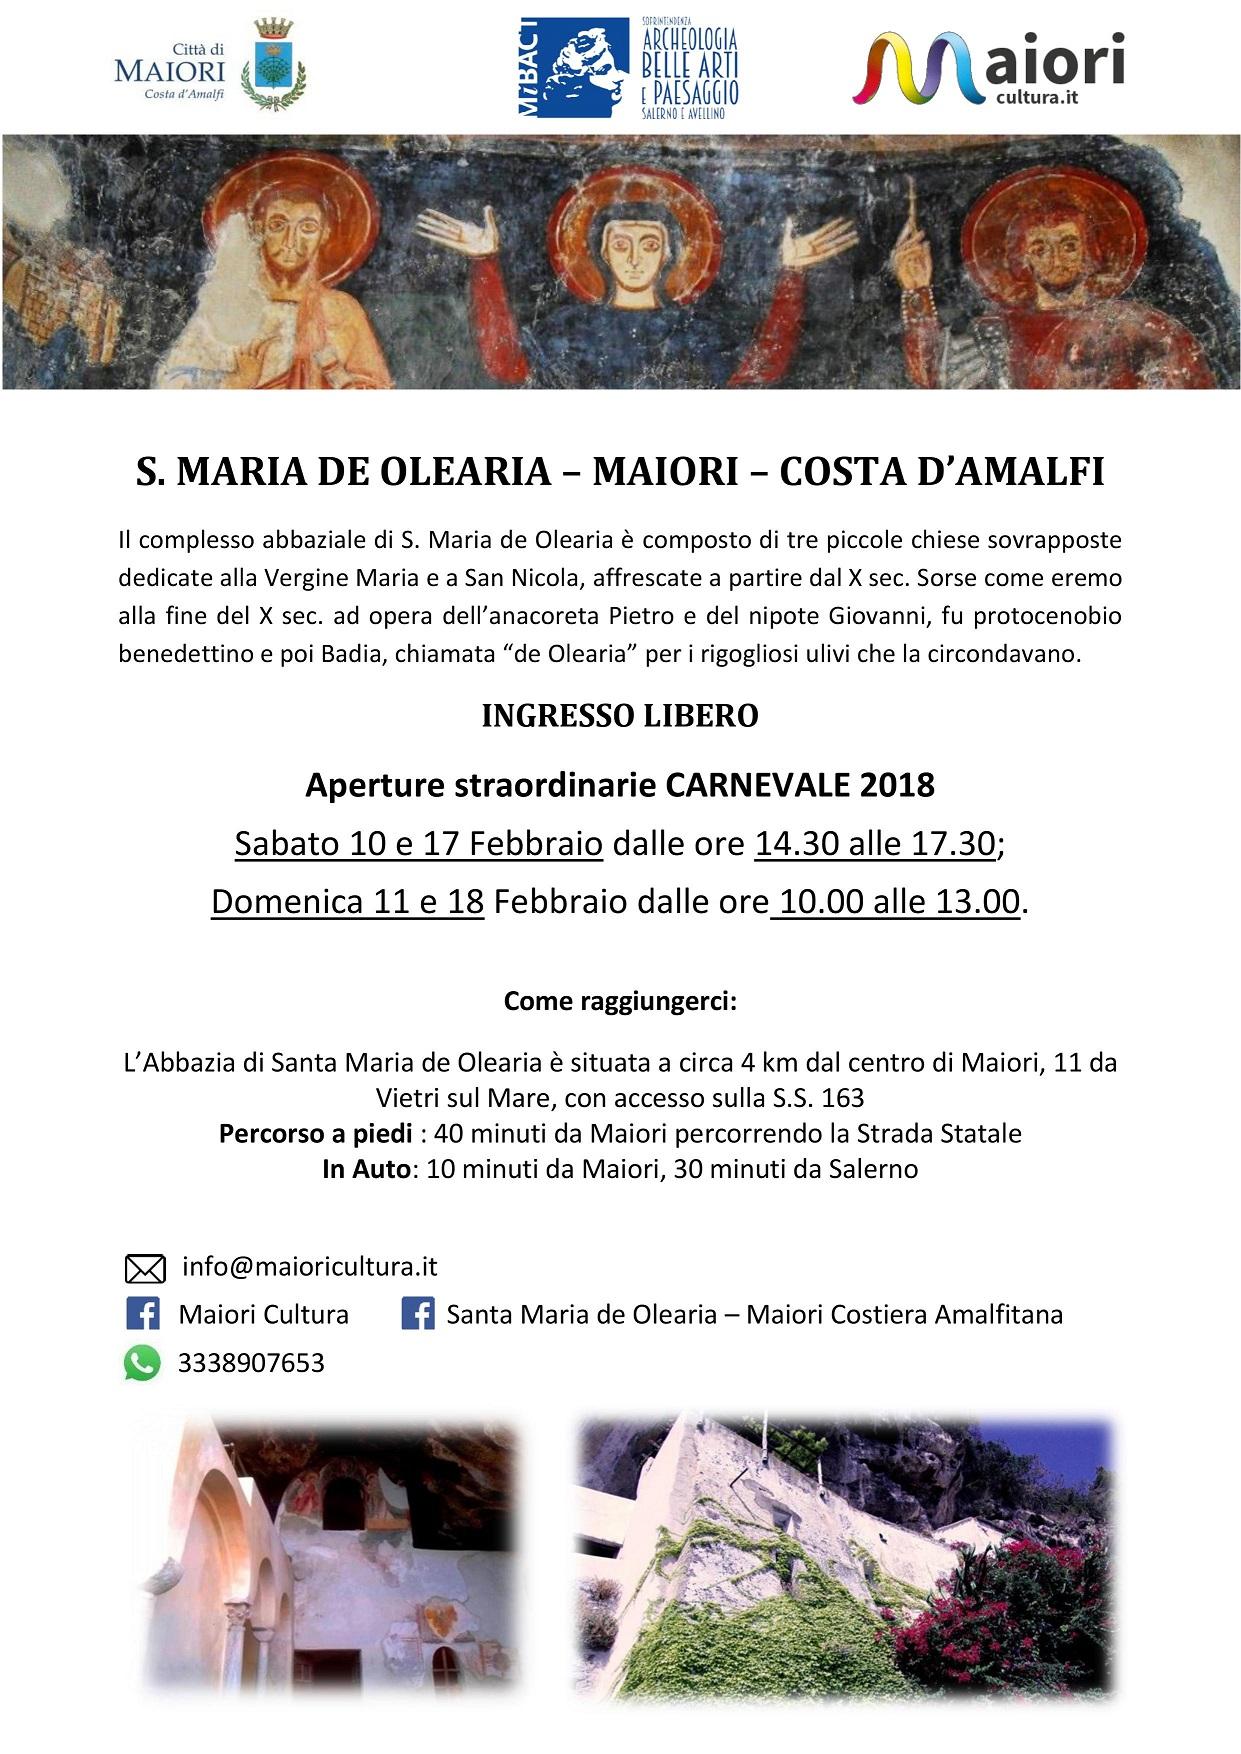 locandina aperture a Santa Maria de Olearia a Maiori